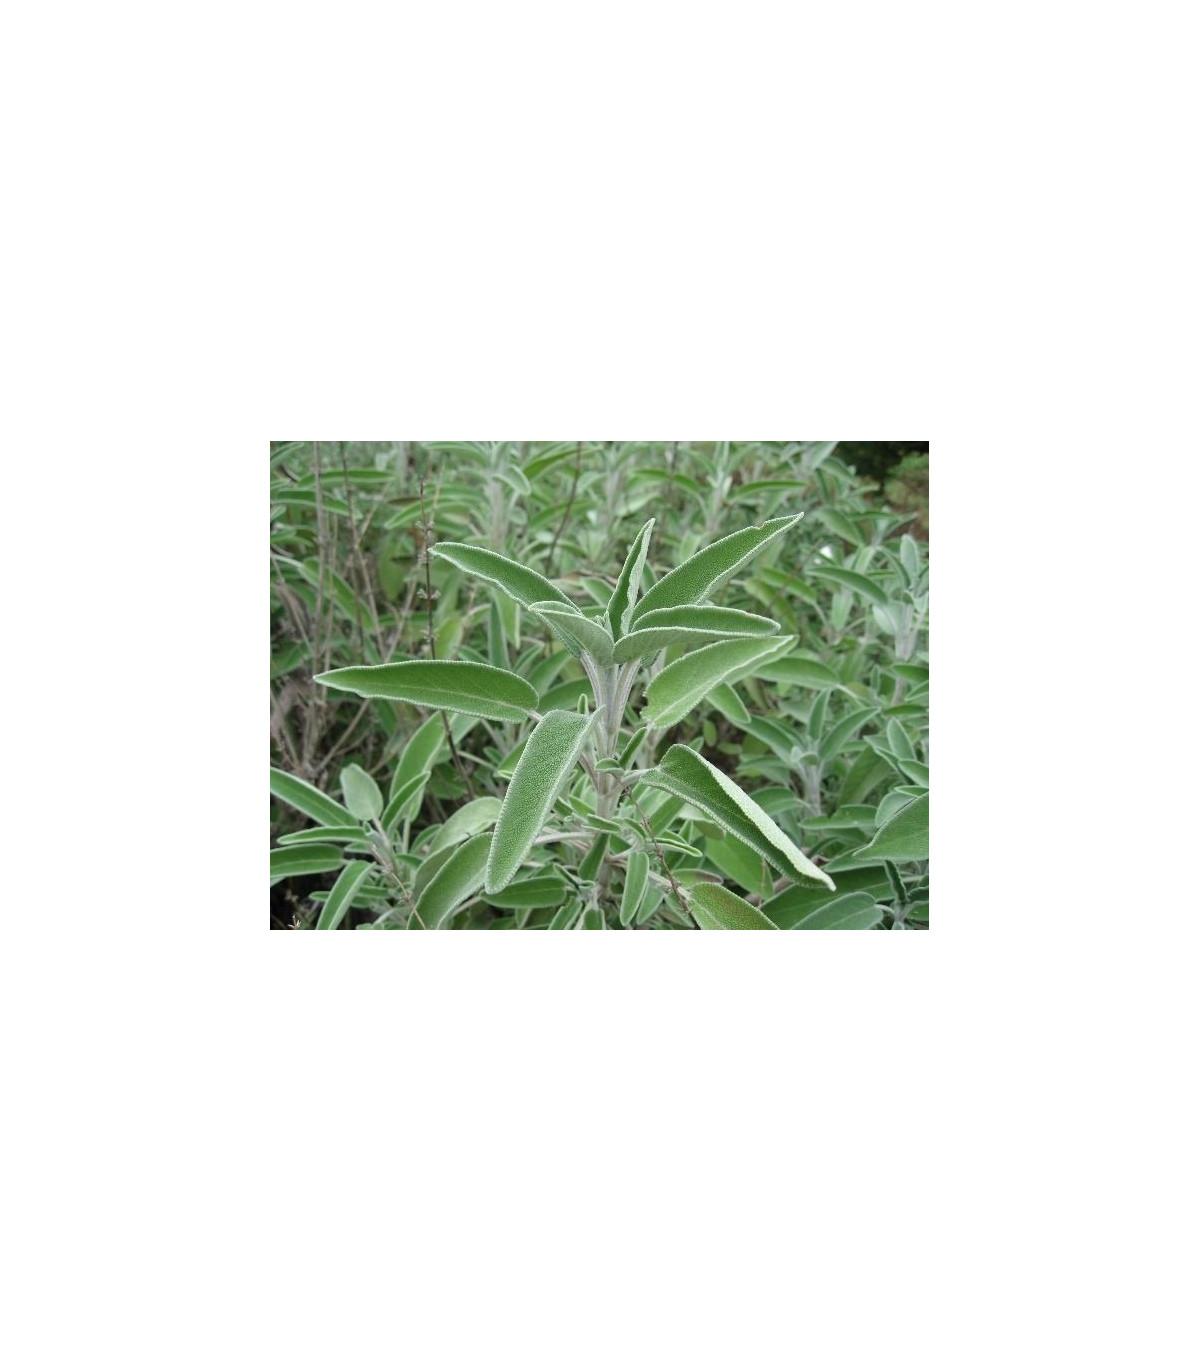 Bio šalvia lekárska - semená šalvie - semiačka - 0,3 gr